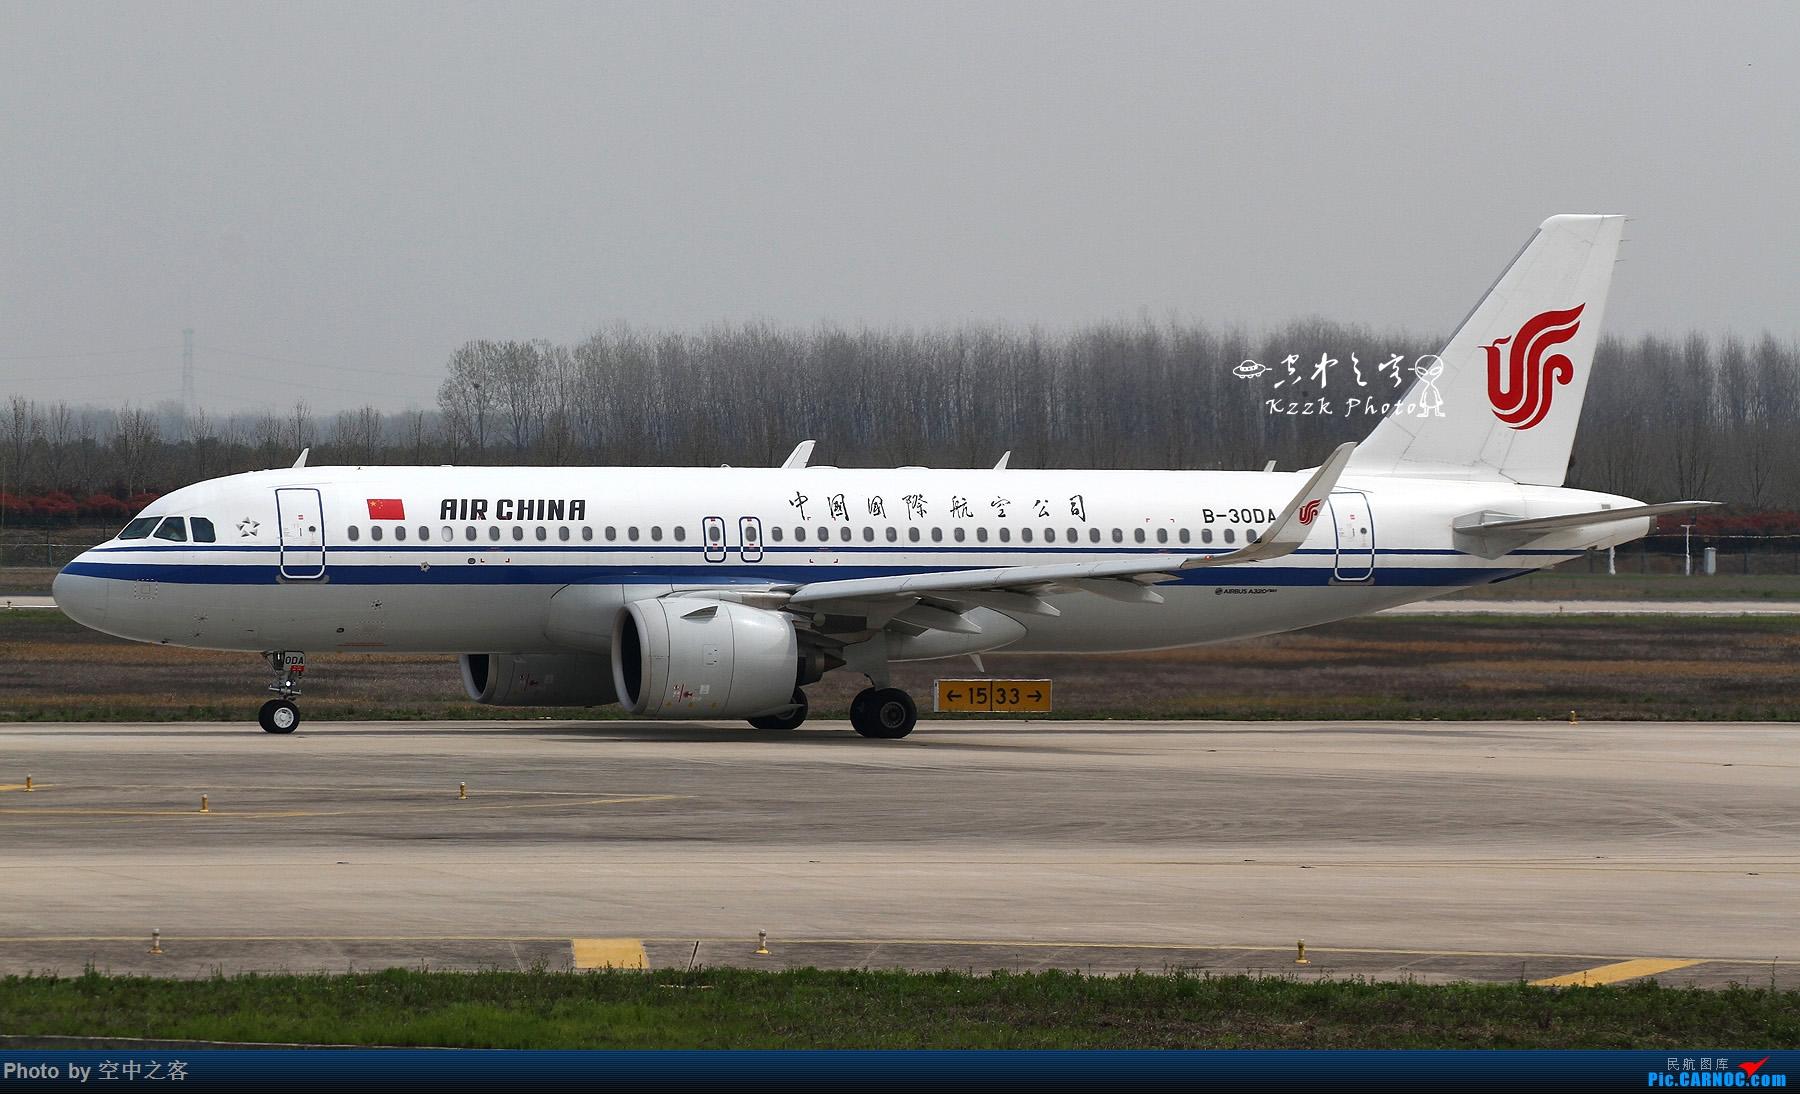 [合肥飞友会·霸都打机队 空中之客出品]A320NEO已经烂大街了??? AIRBUS A320NEO B-30DA 合肥新桥国际机场